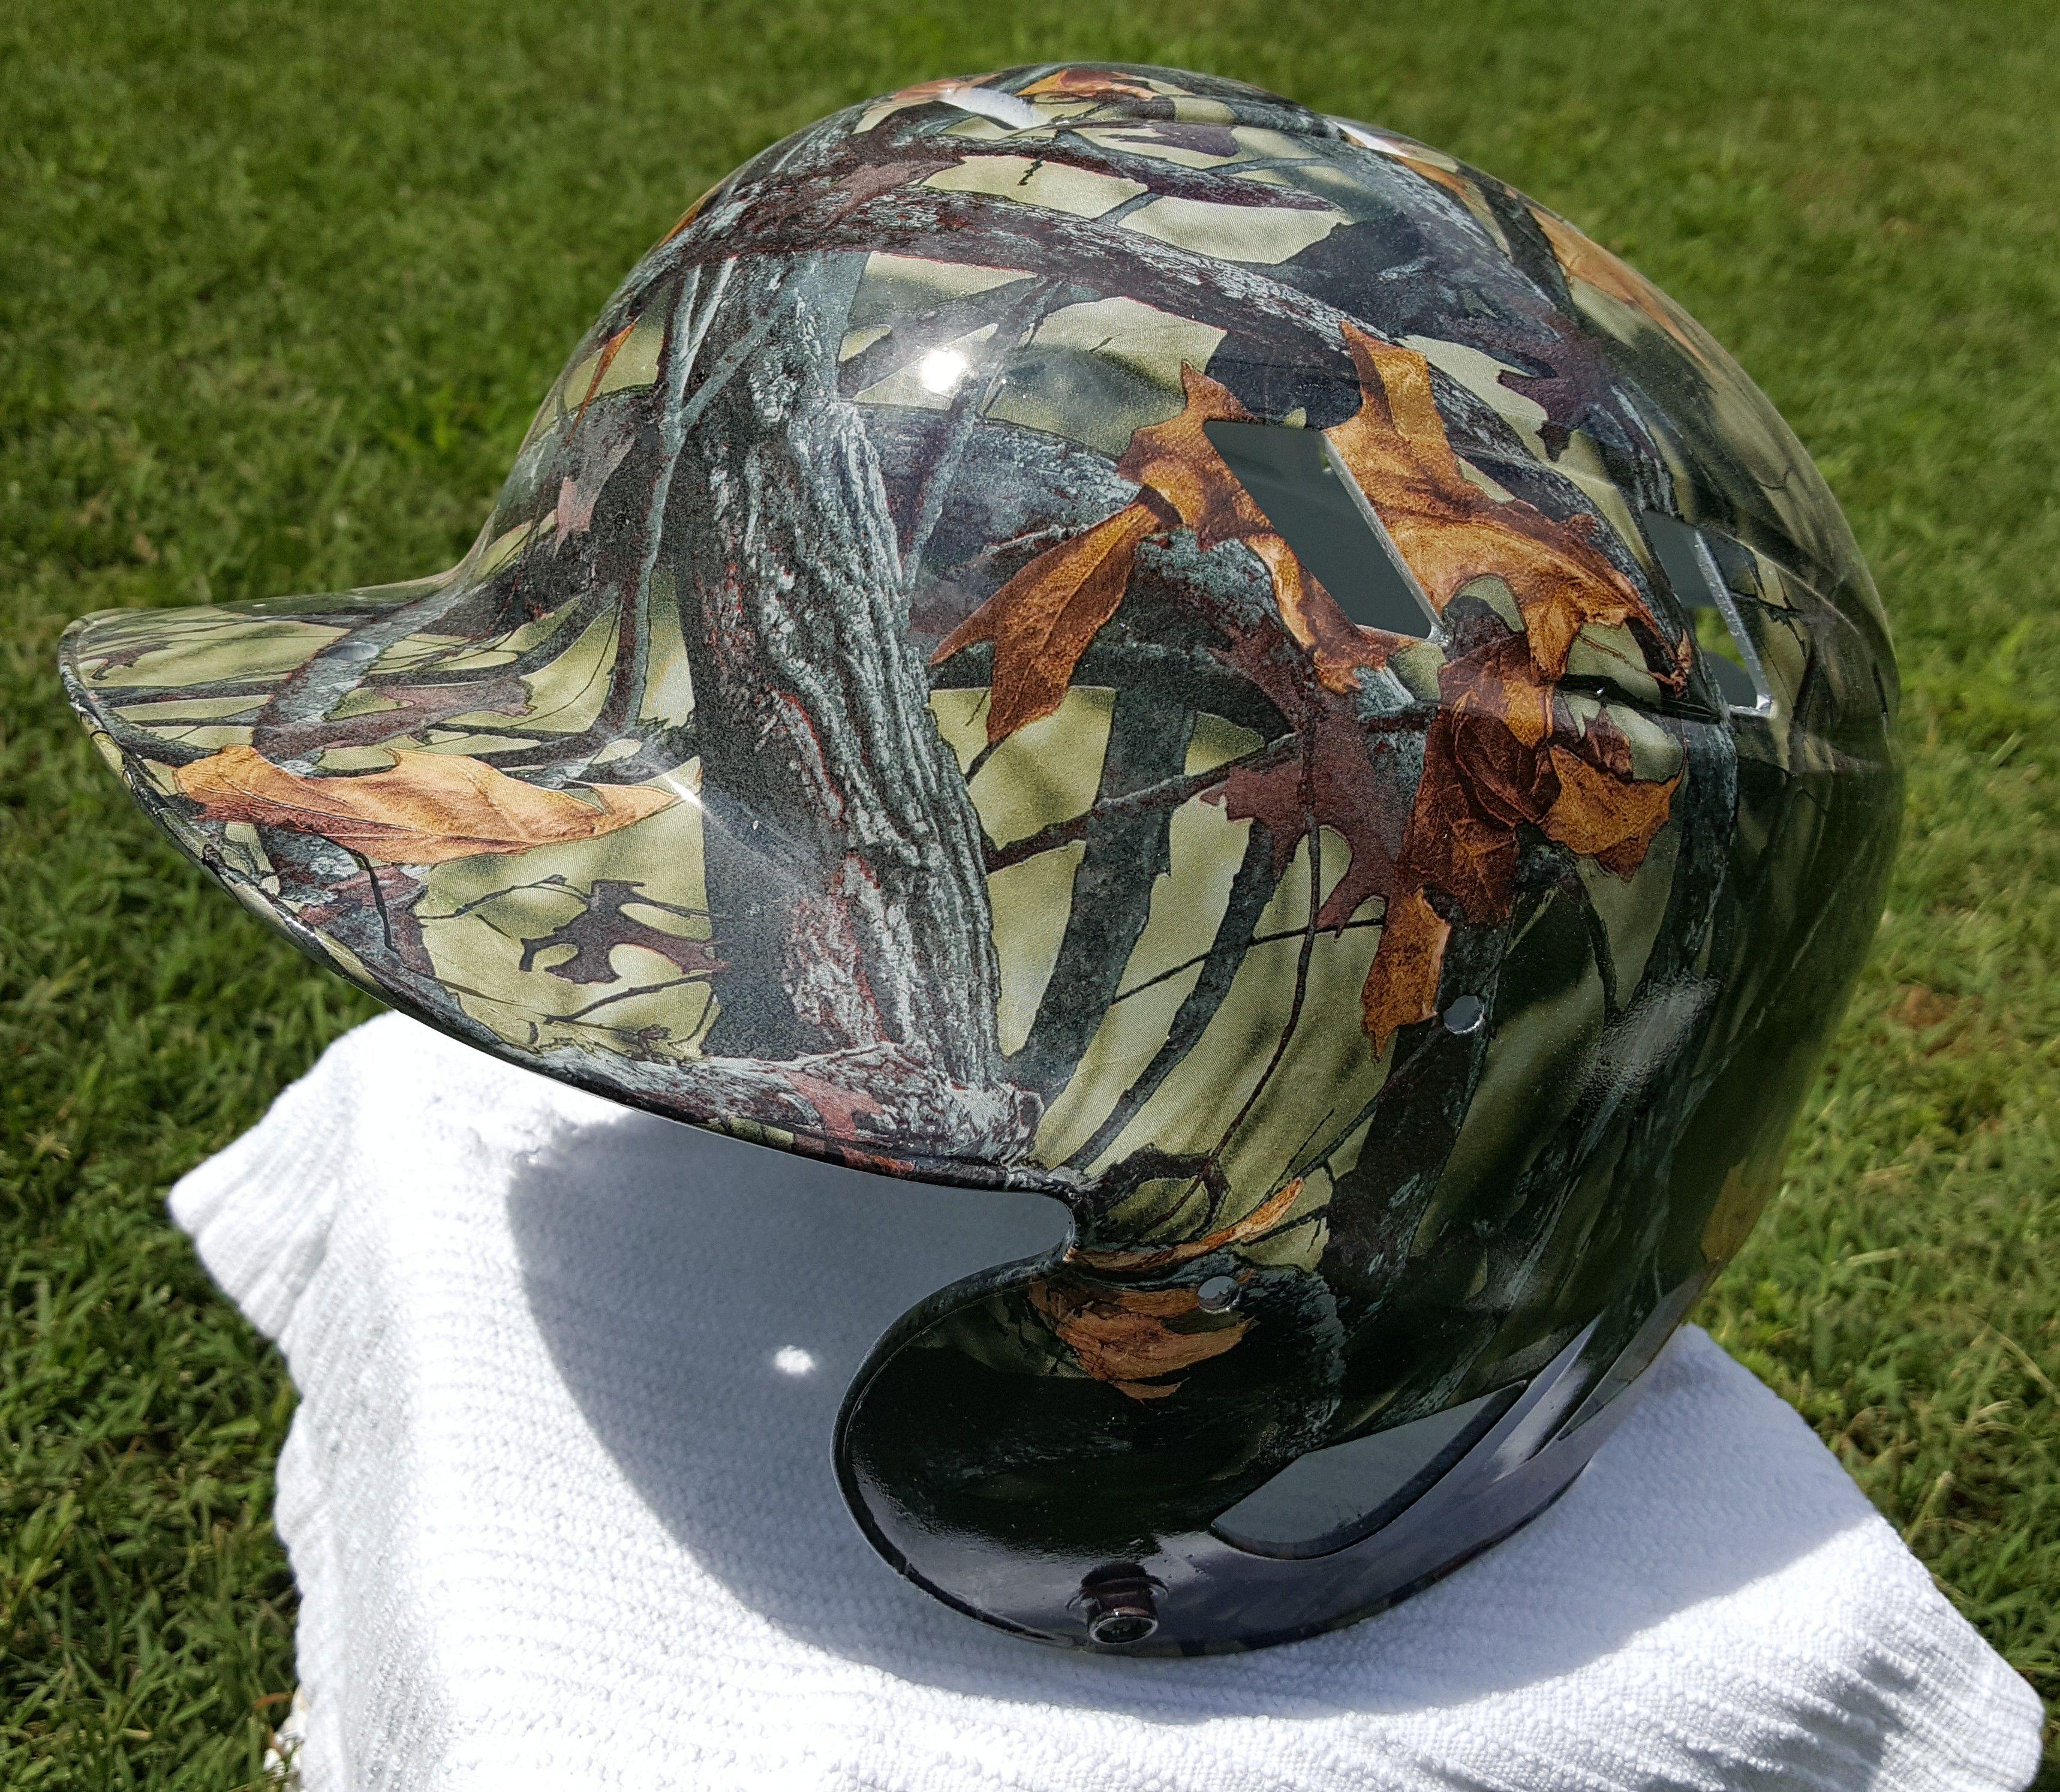 Cheap Rims Near Me >> Custom hydro dipped camo baseball helmet by Toxic Hydrographics | Cheap baseball jerseys, Youth ...